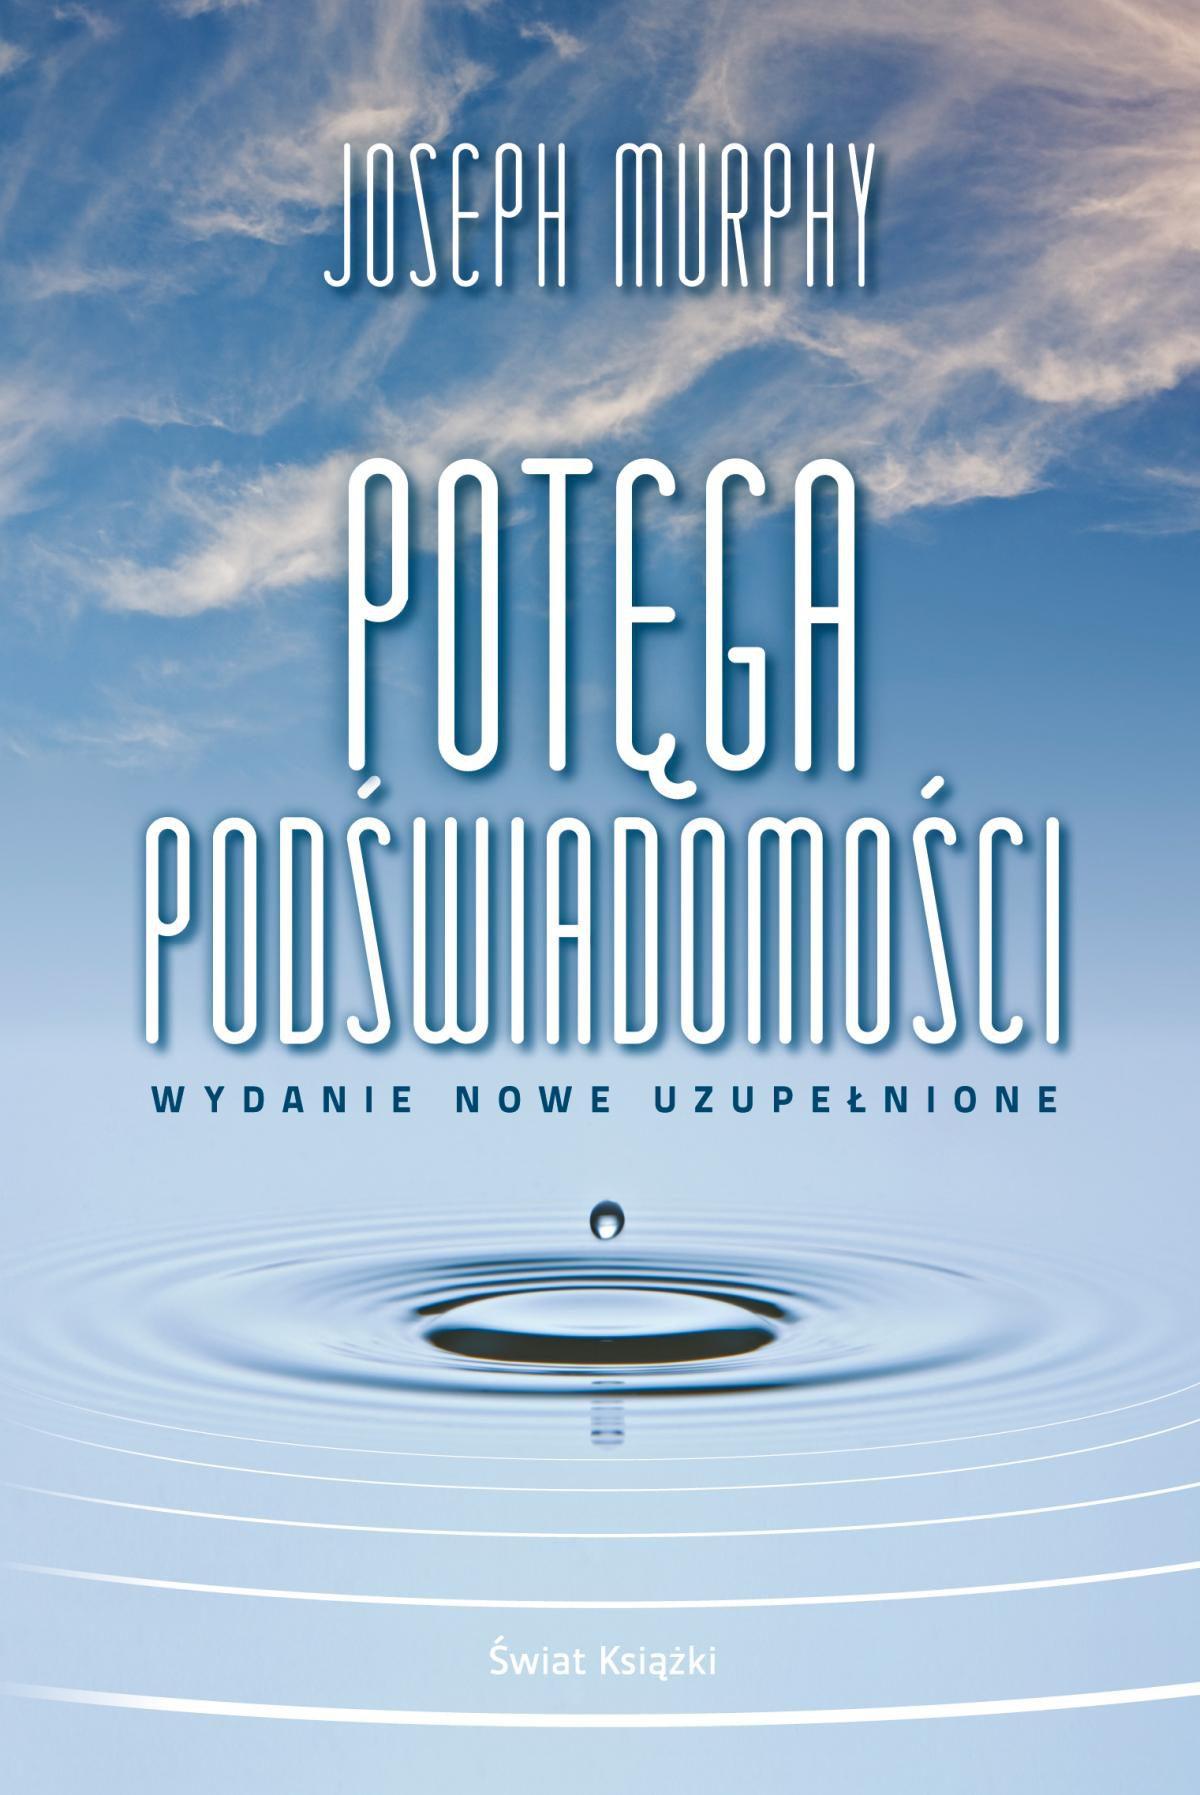 Potęga podświadomości - Ebook (Książka na Kindle) do pobrania w formacie MOBI